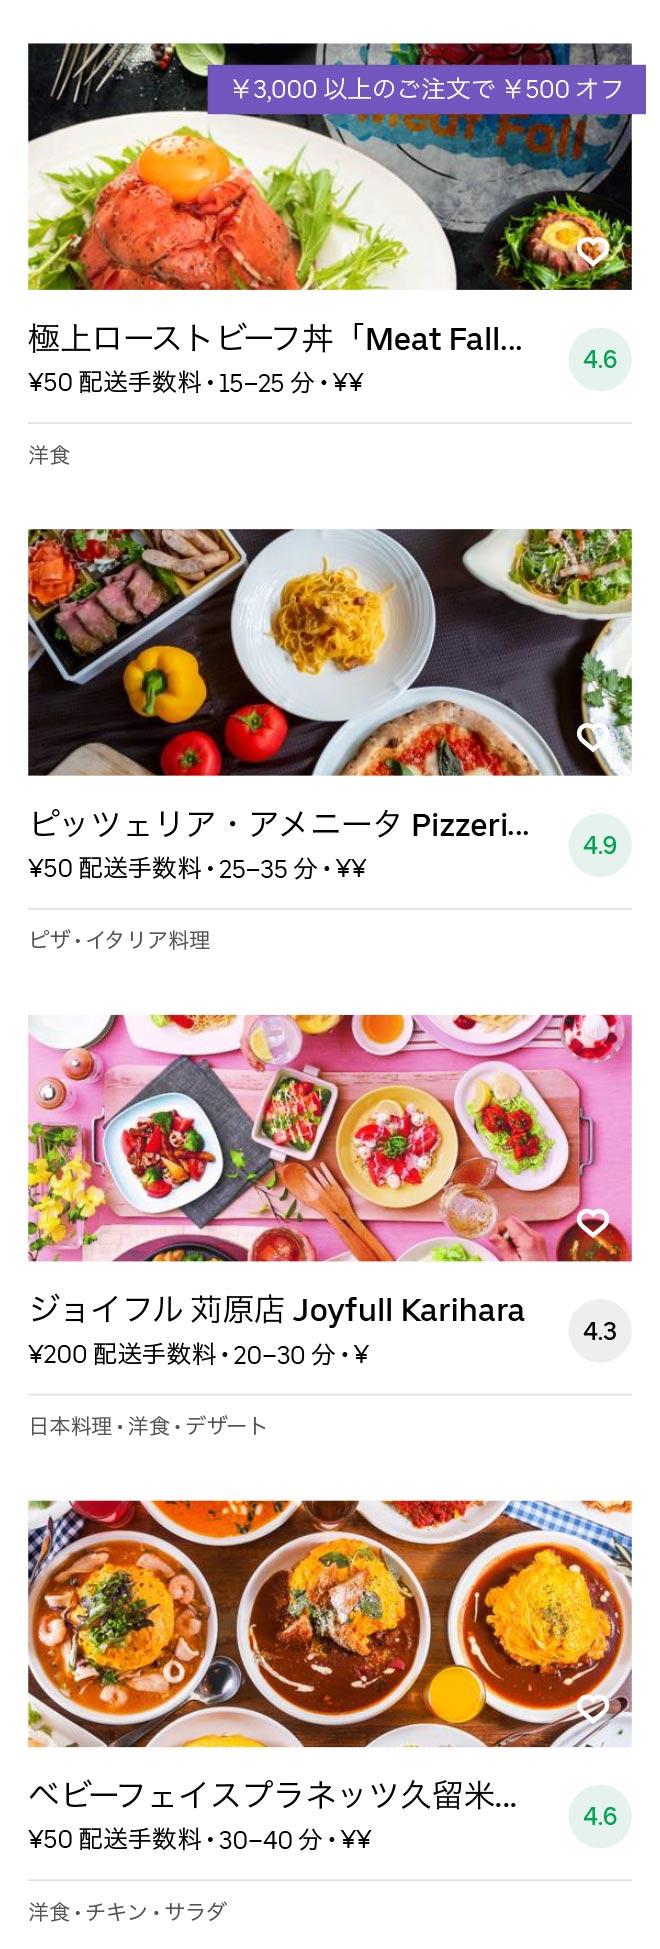 Nishitetsu kurume menu 2008 07